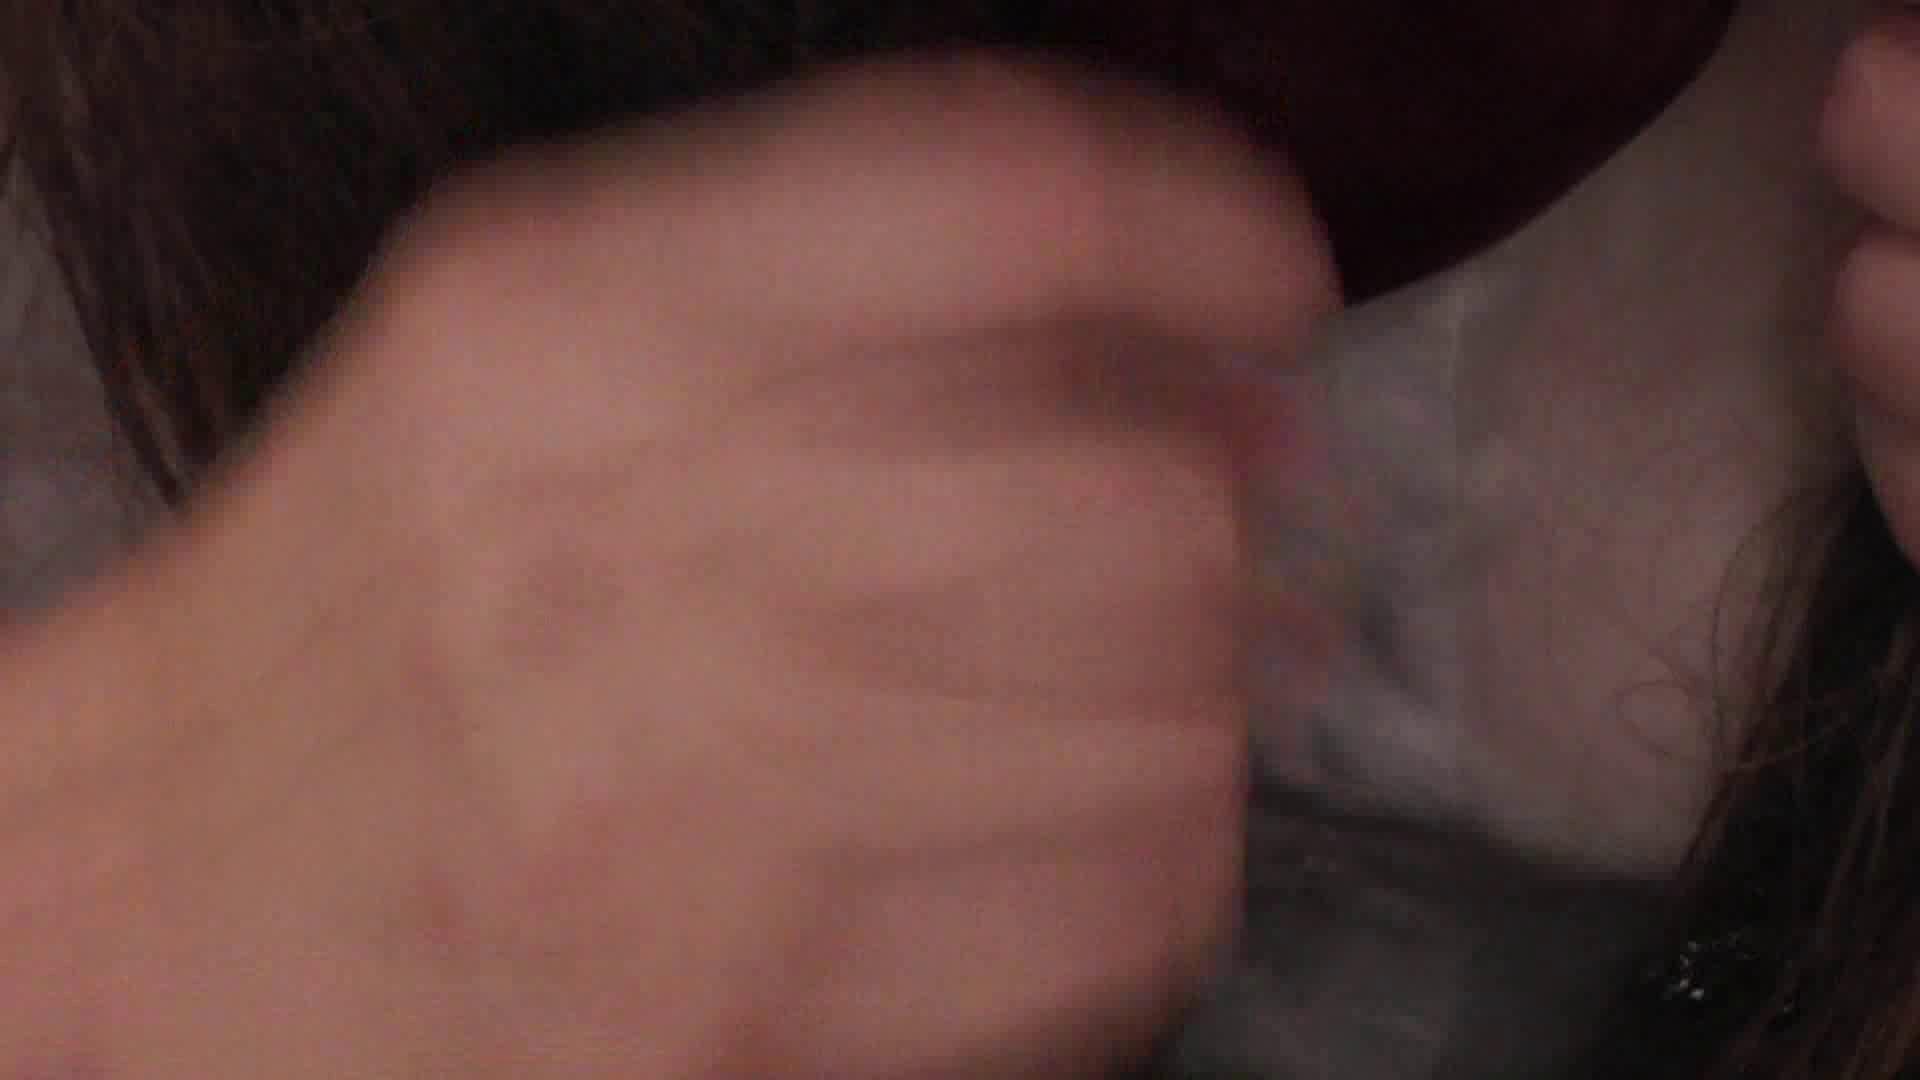 俺推し素人 Bカップ20代人妻現役ナース久美 エッチなナース エロ無料画像 108pic 104